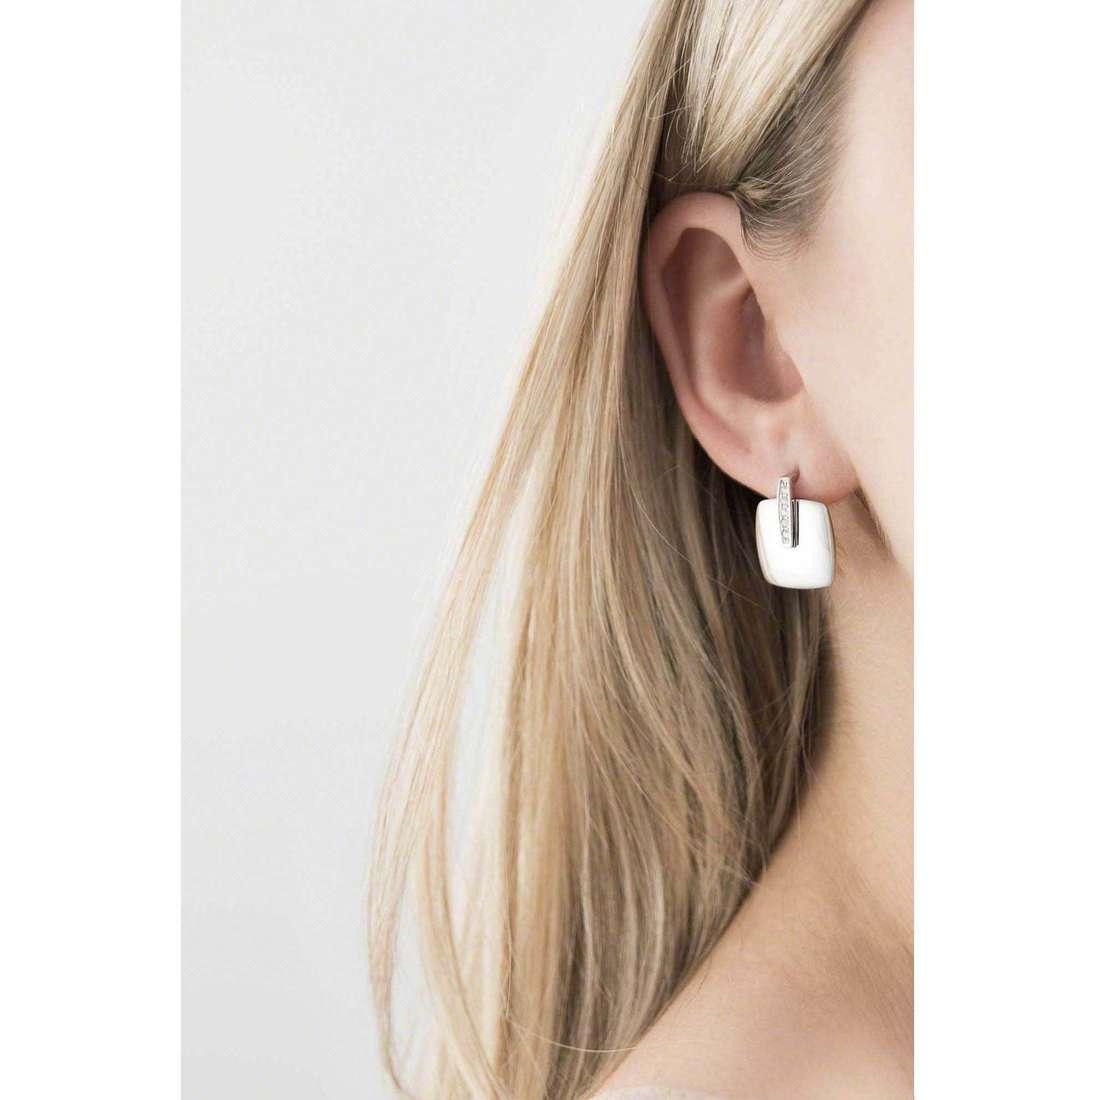 Breil boucles d'oreille New Blast femme TJ1611 indosso